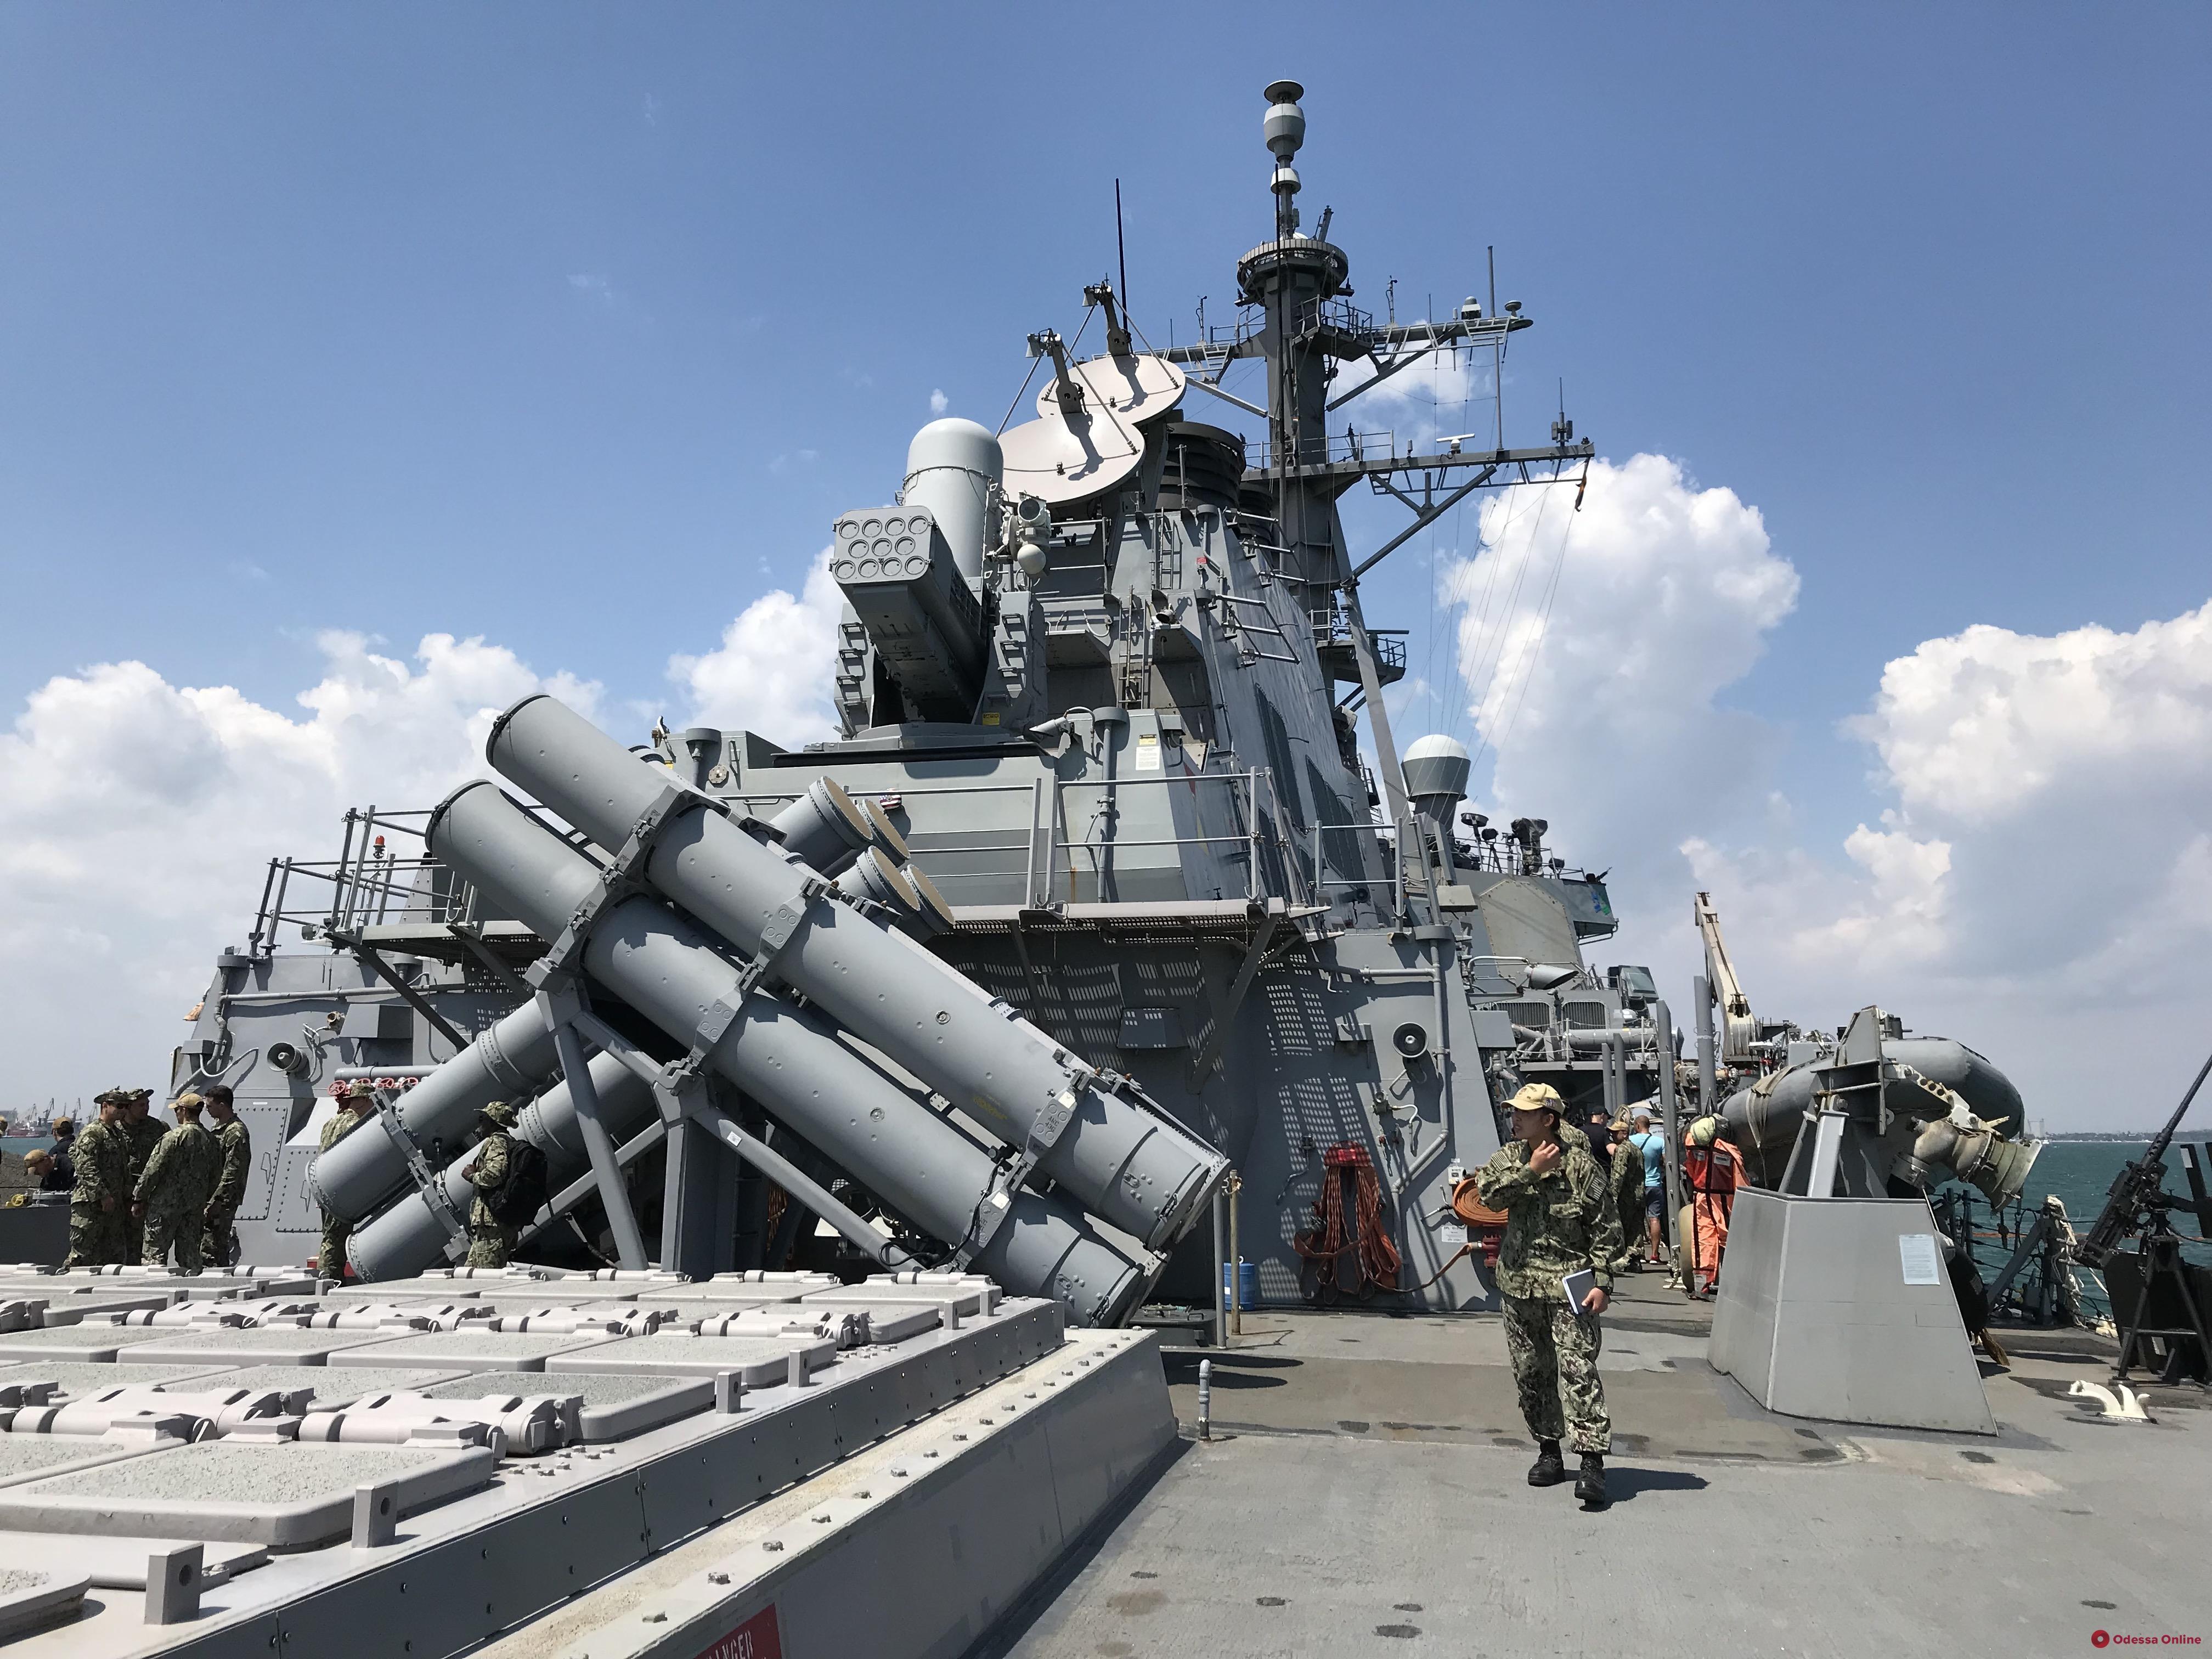 В Одессе продолжаются военно-морские учения «Си Бриз-2019» (фото, видео)